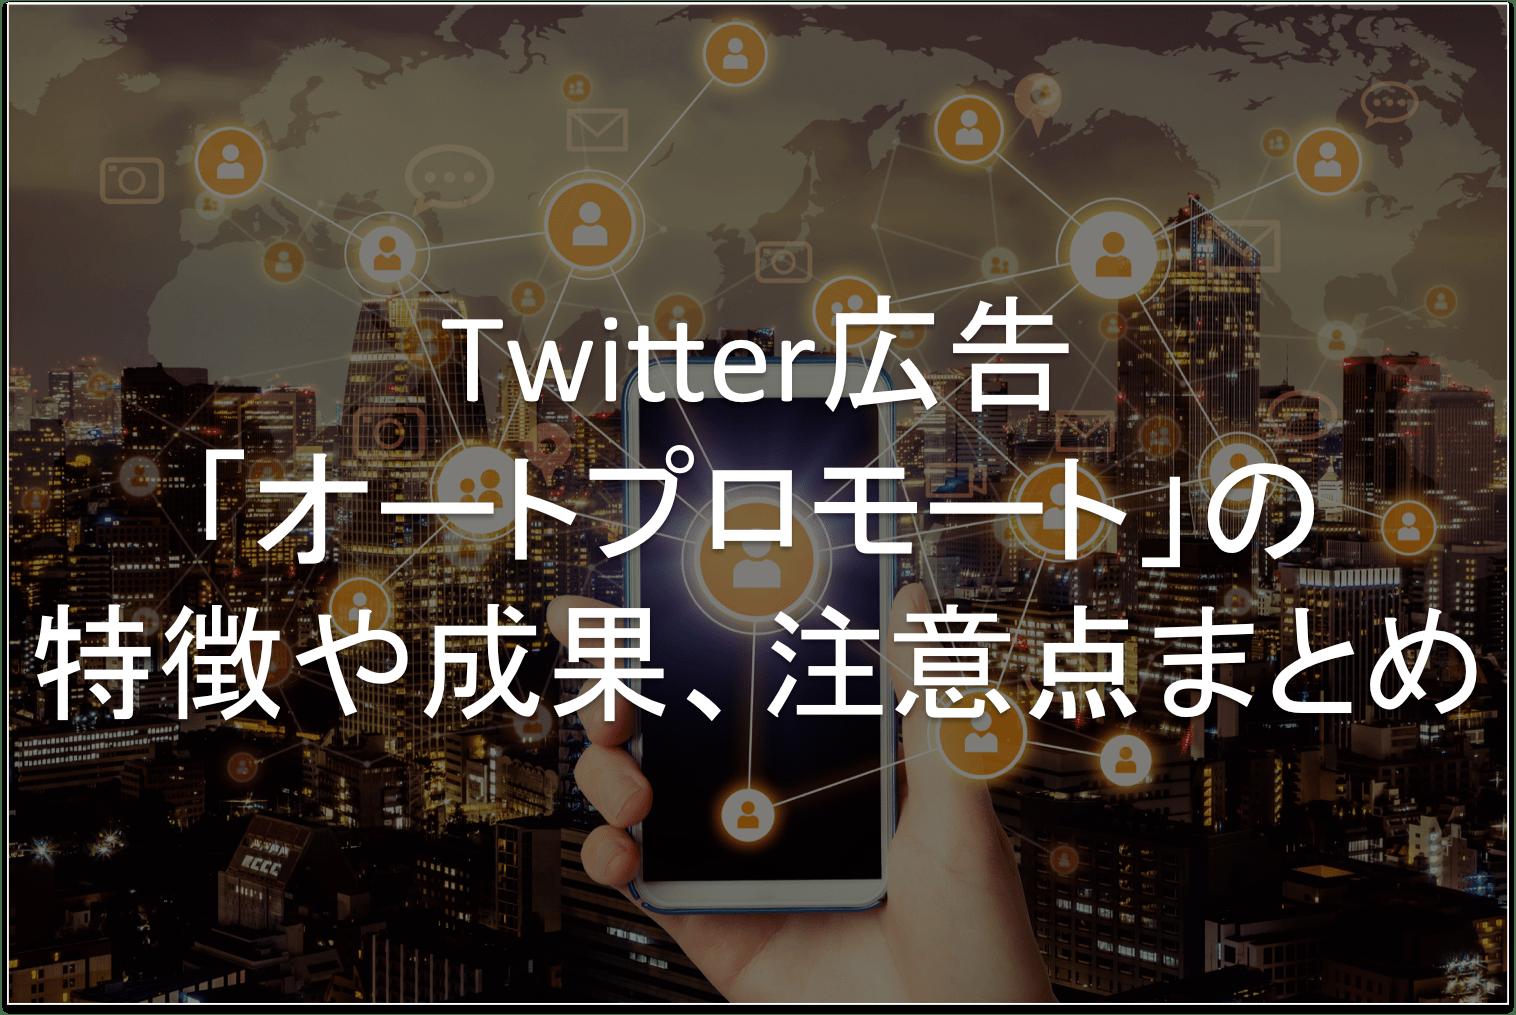 Twitter広告 オ―トプロモート